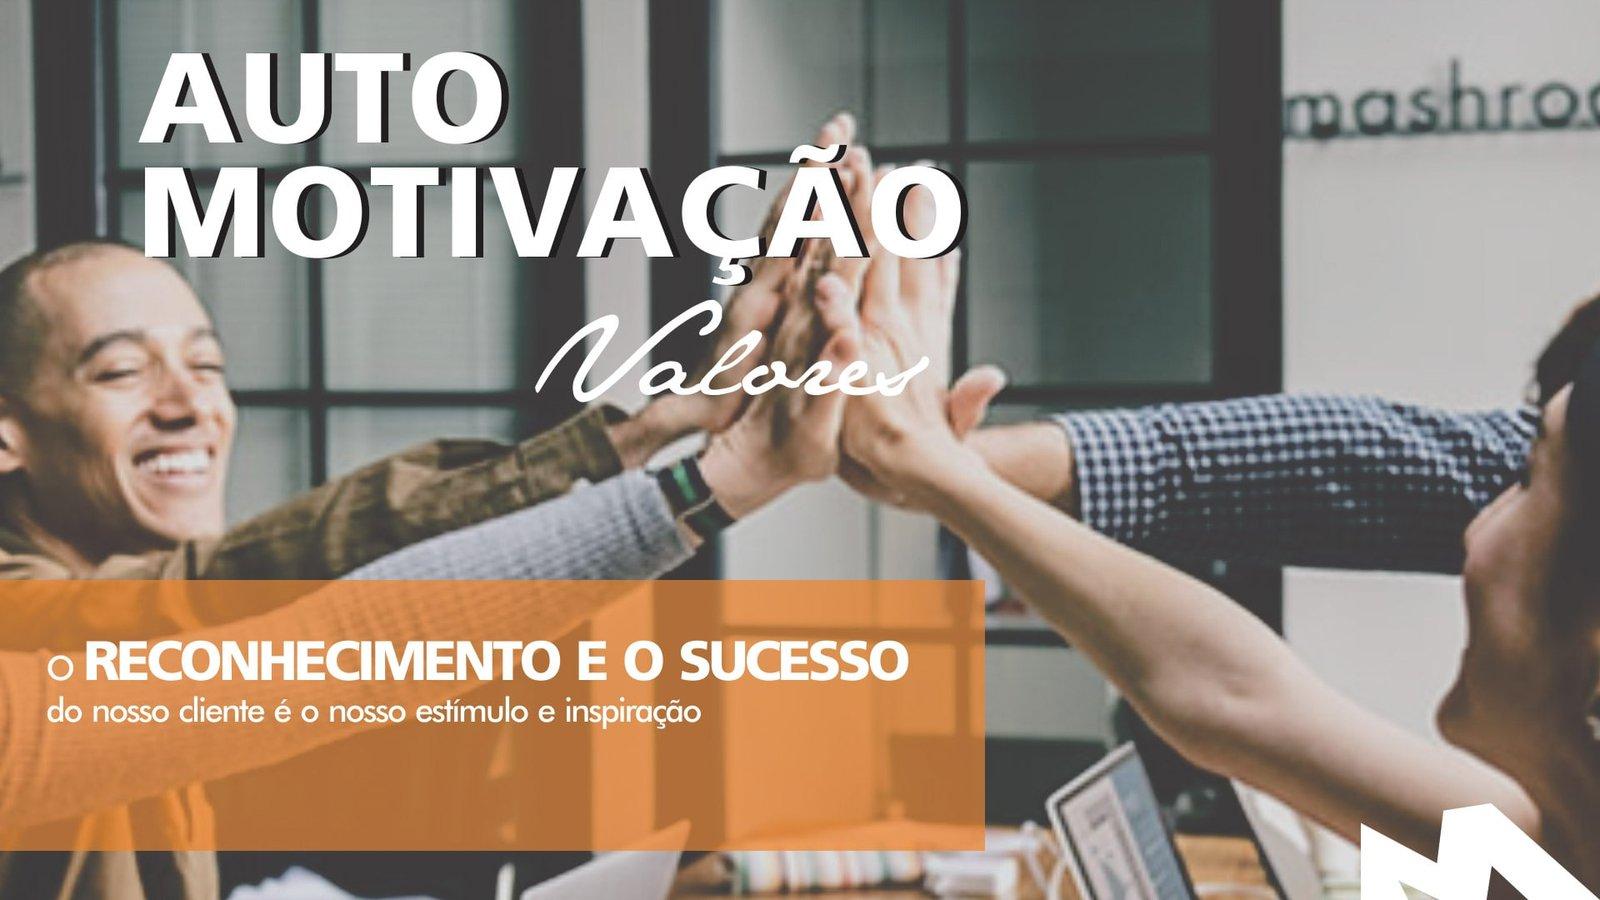 MLMS Valores - Auto Motivação